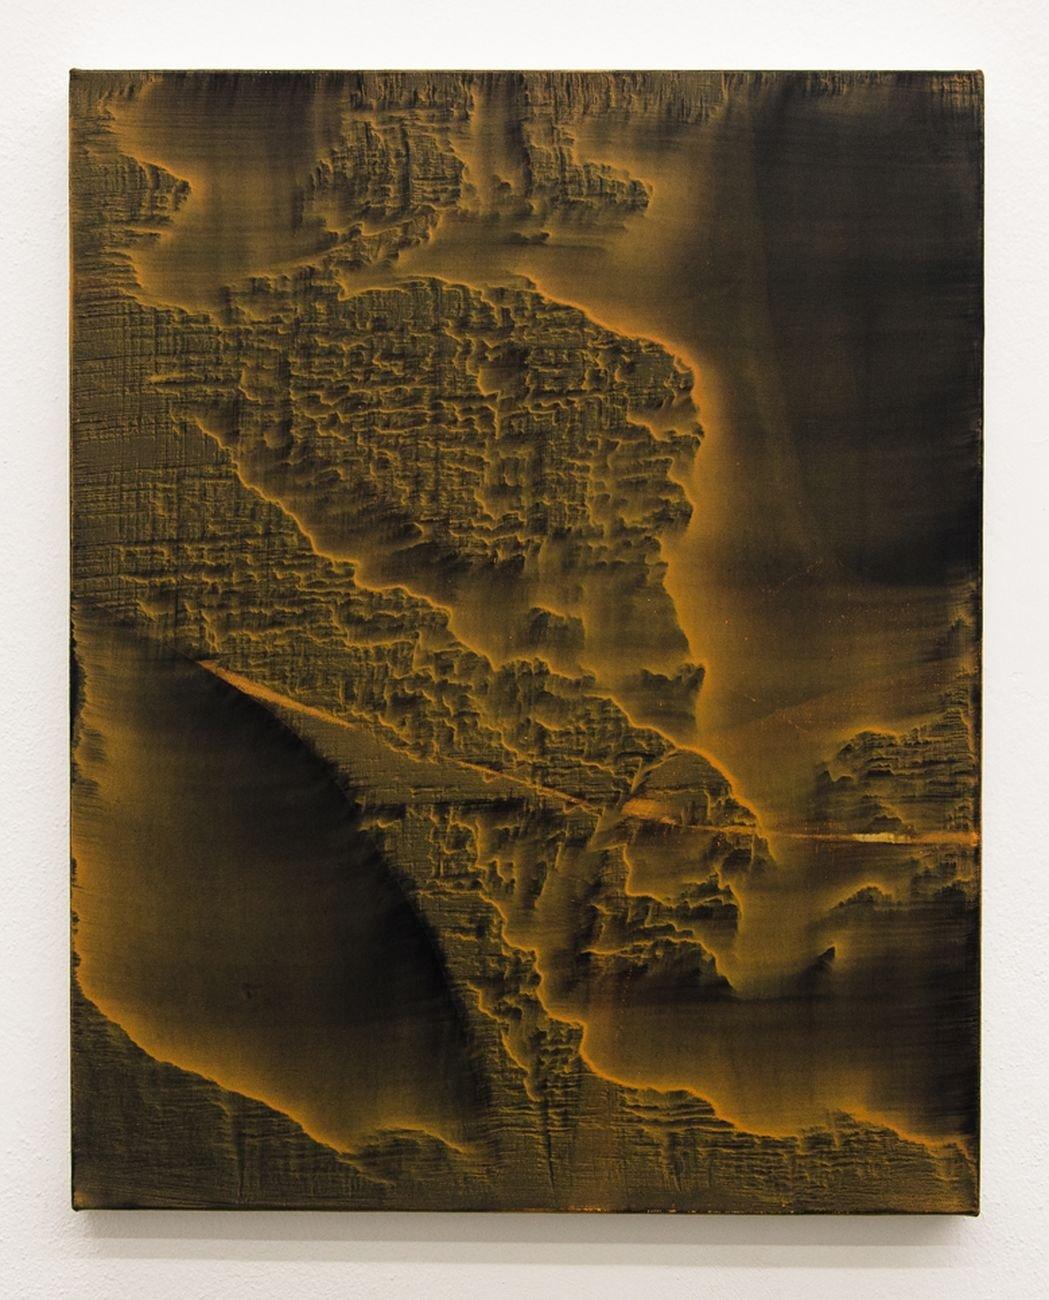 Giuseppe Adamo, Senza Titolo, 2018, acrilico su tela, 50x40 cm